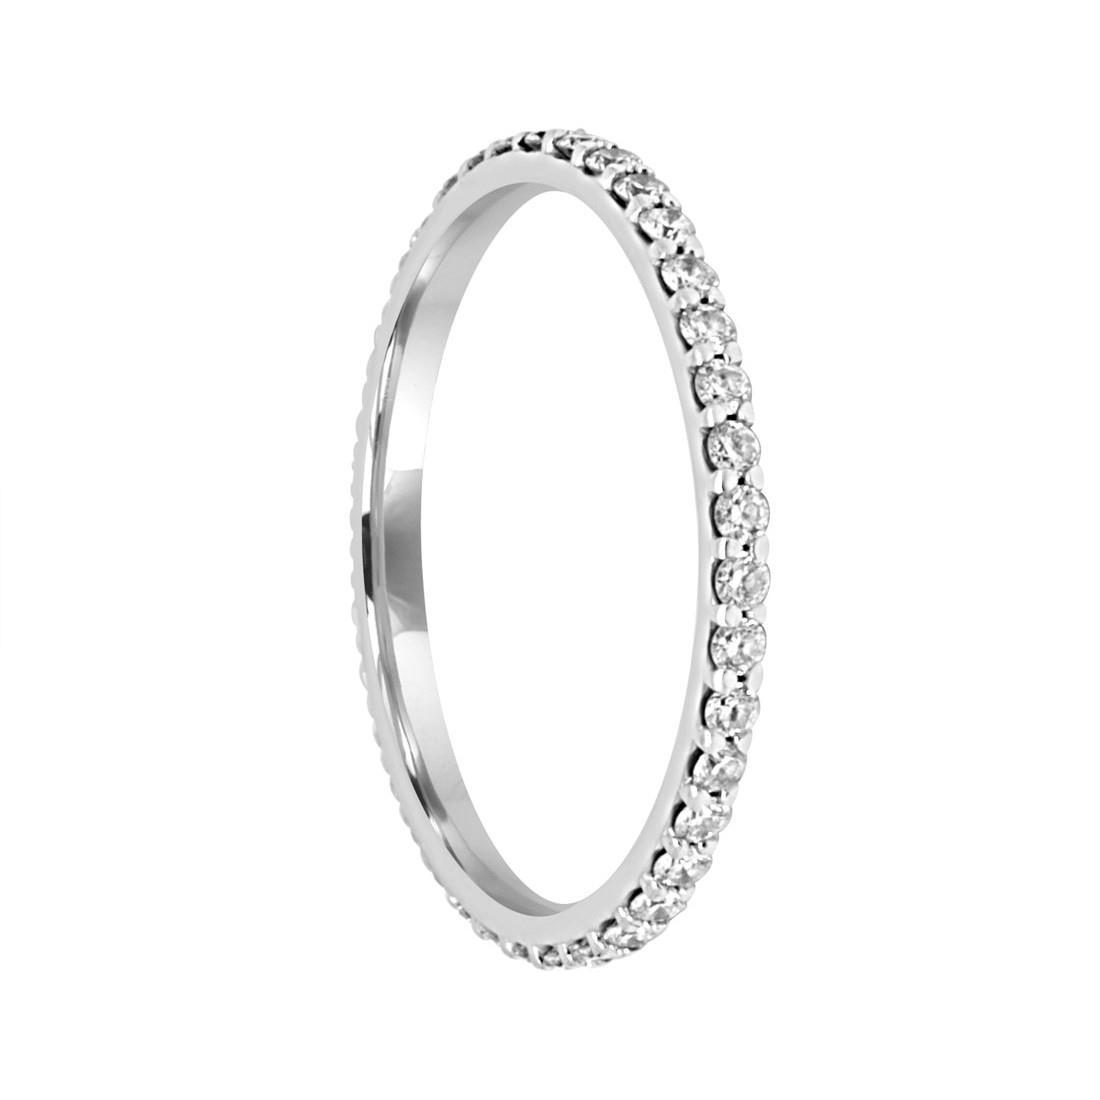 selezione migliore 58dae 65583 Anello veretta in oro bianco con diamanti ct 0.54 mis 18